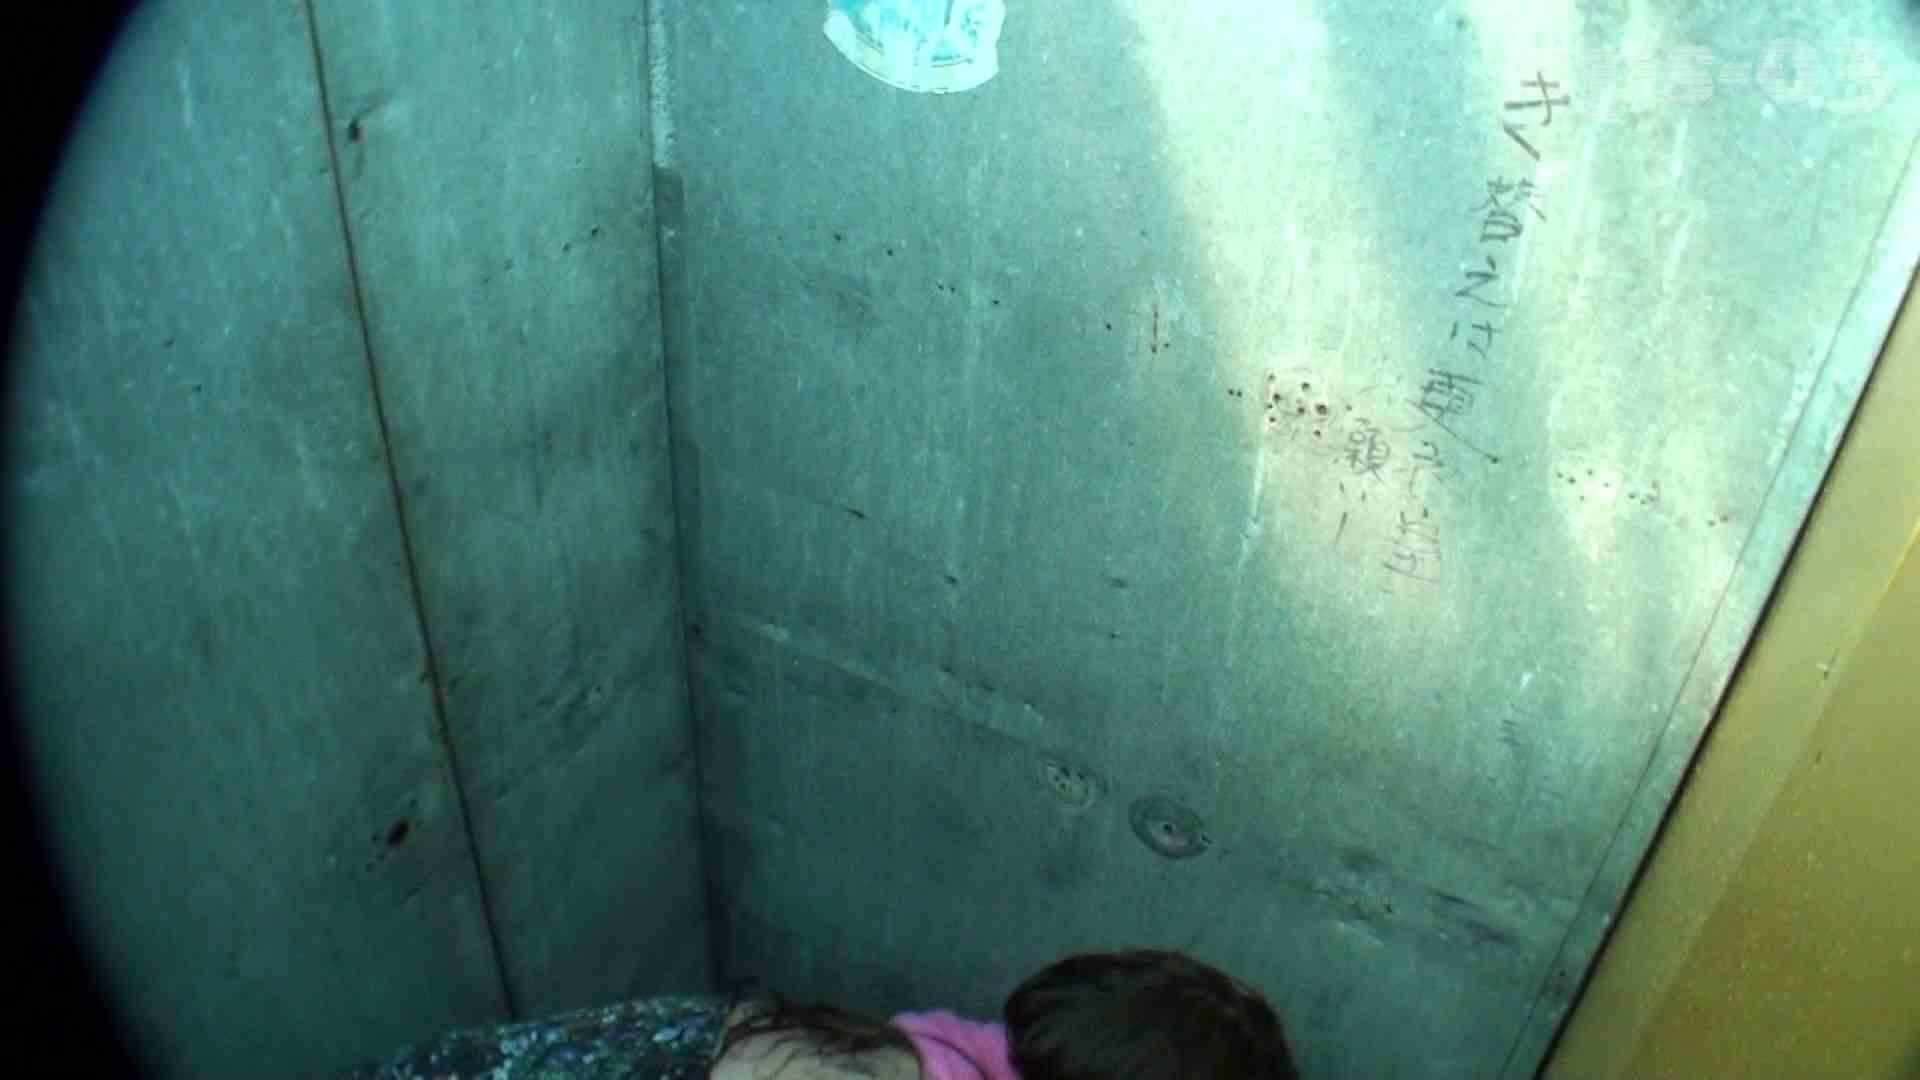 シャワールームは超!!危険な香りVol.3 ハートのタトゥーちょっとプヨってます。 シャワー | OLセックス  103画像 22